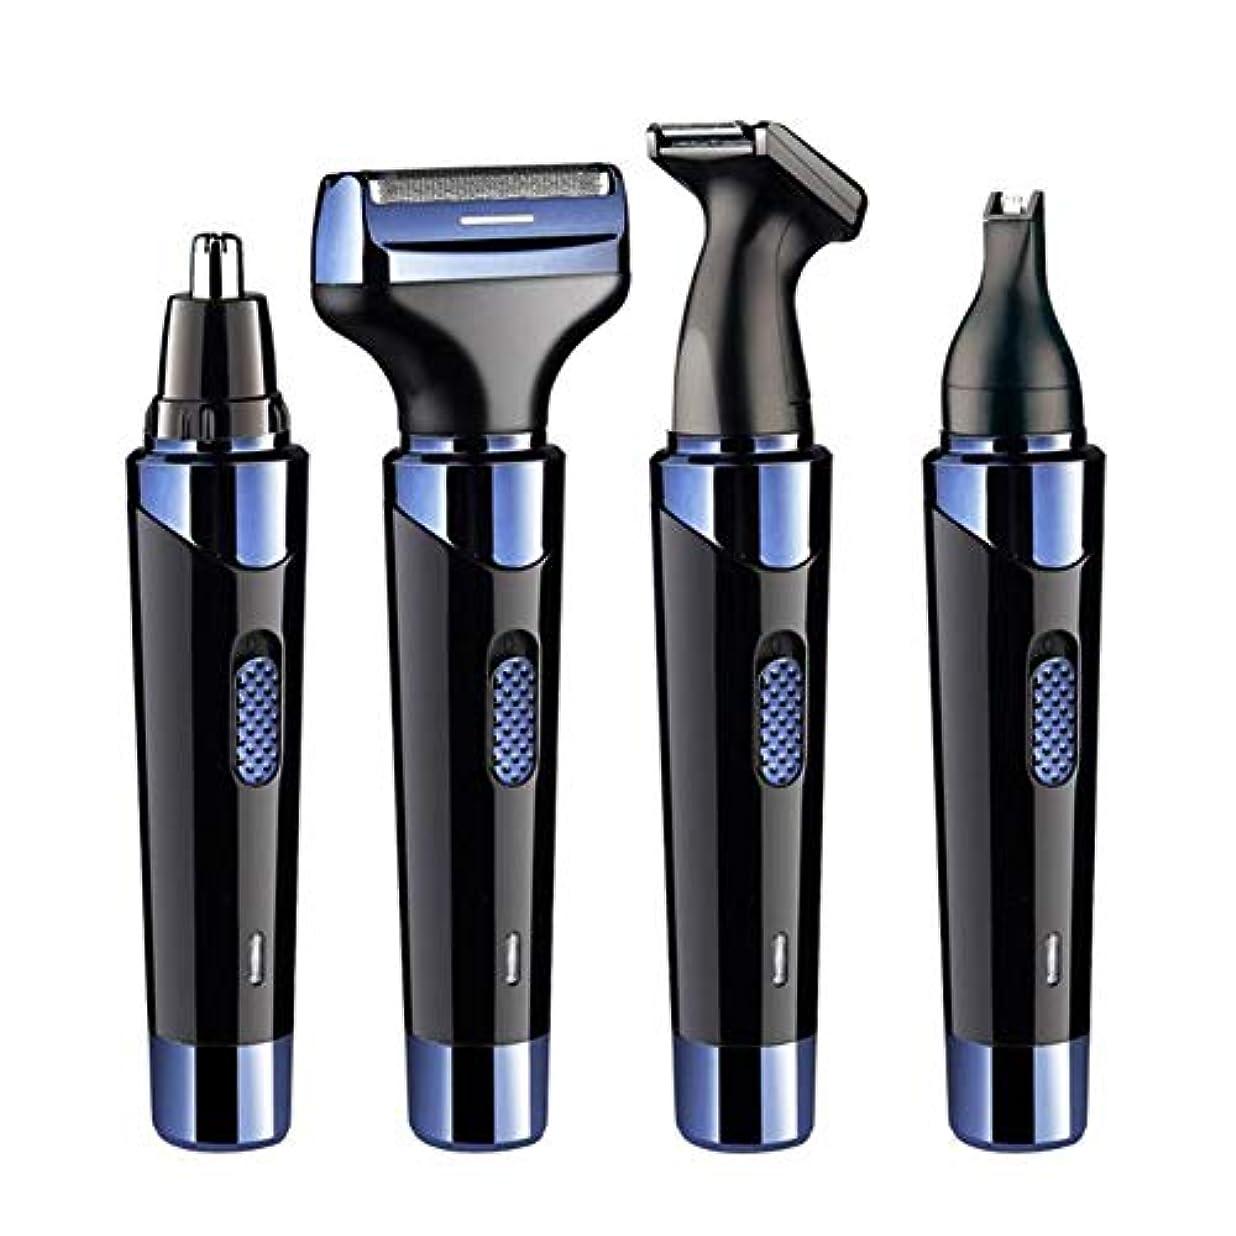 4イン1鼻毛トリマー、プロの痛みのない鼻/耳/眉毛/サイドバーンおよびフェイシャルヘアトリム、USB充電式、洗えるカッターヘッド、メンズギフト